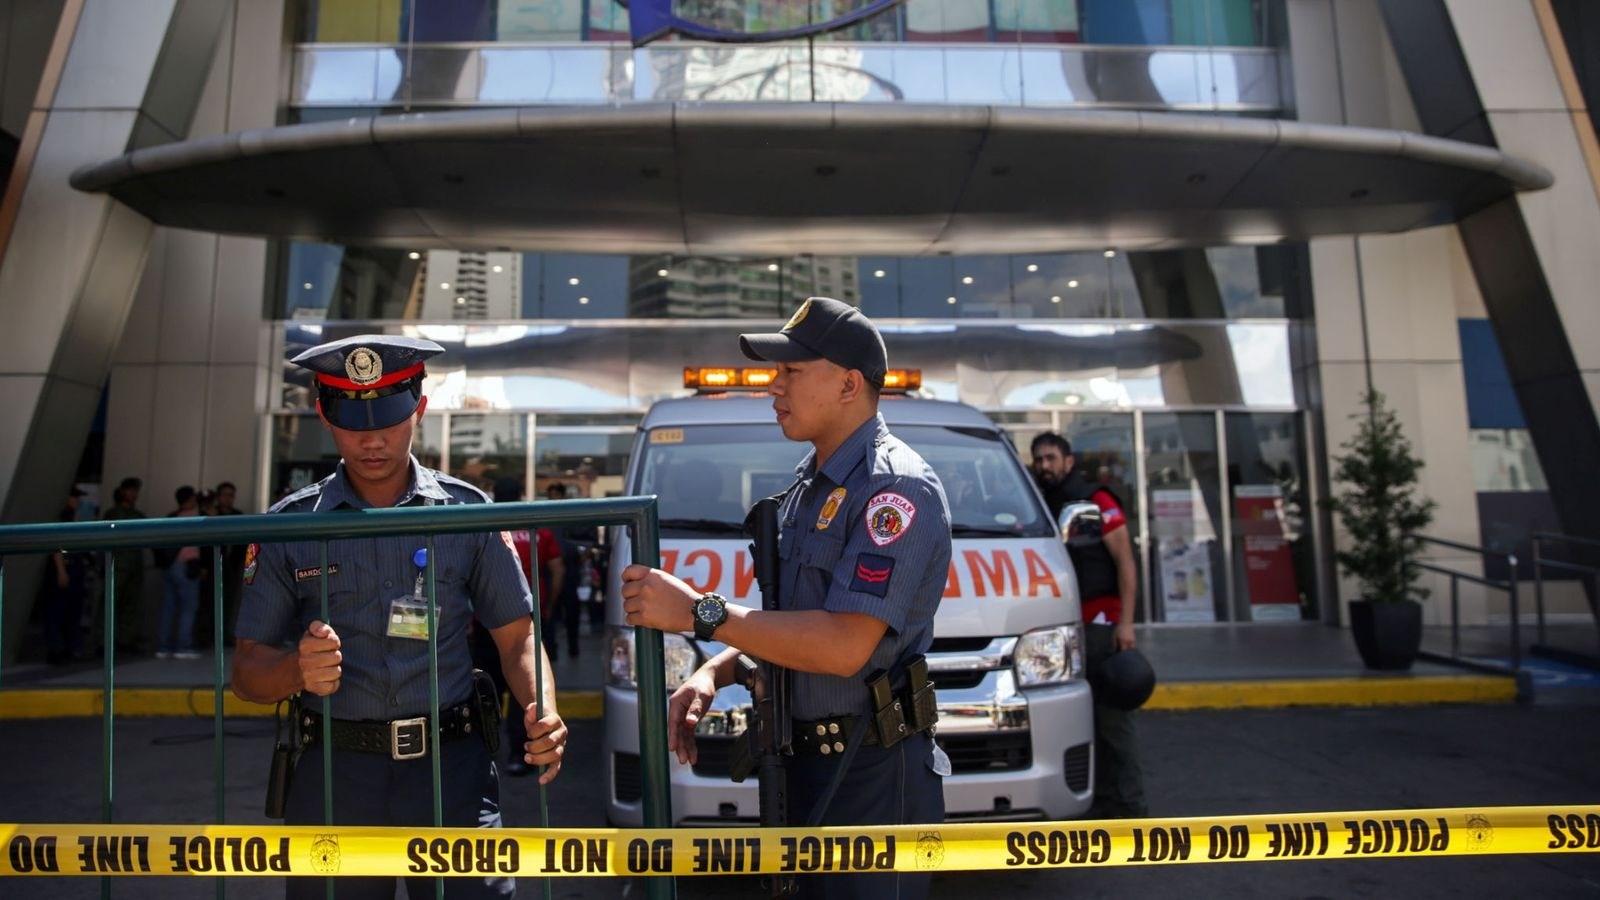 الفيليبين: إطلاق نار واحتجاز رهائن في مركز تجاري